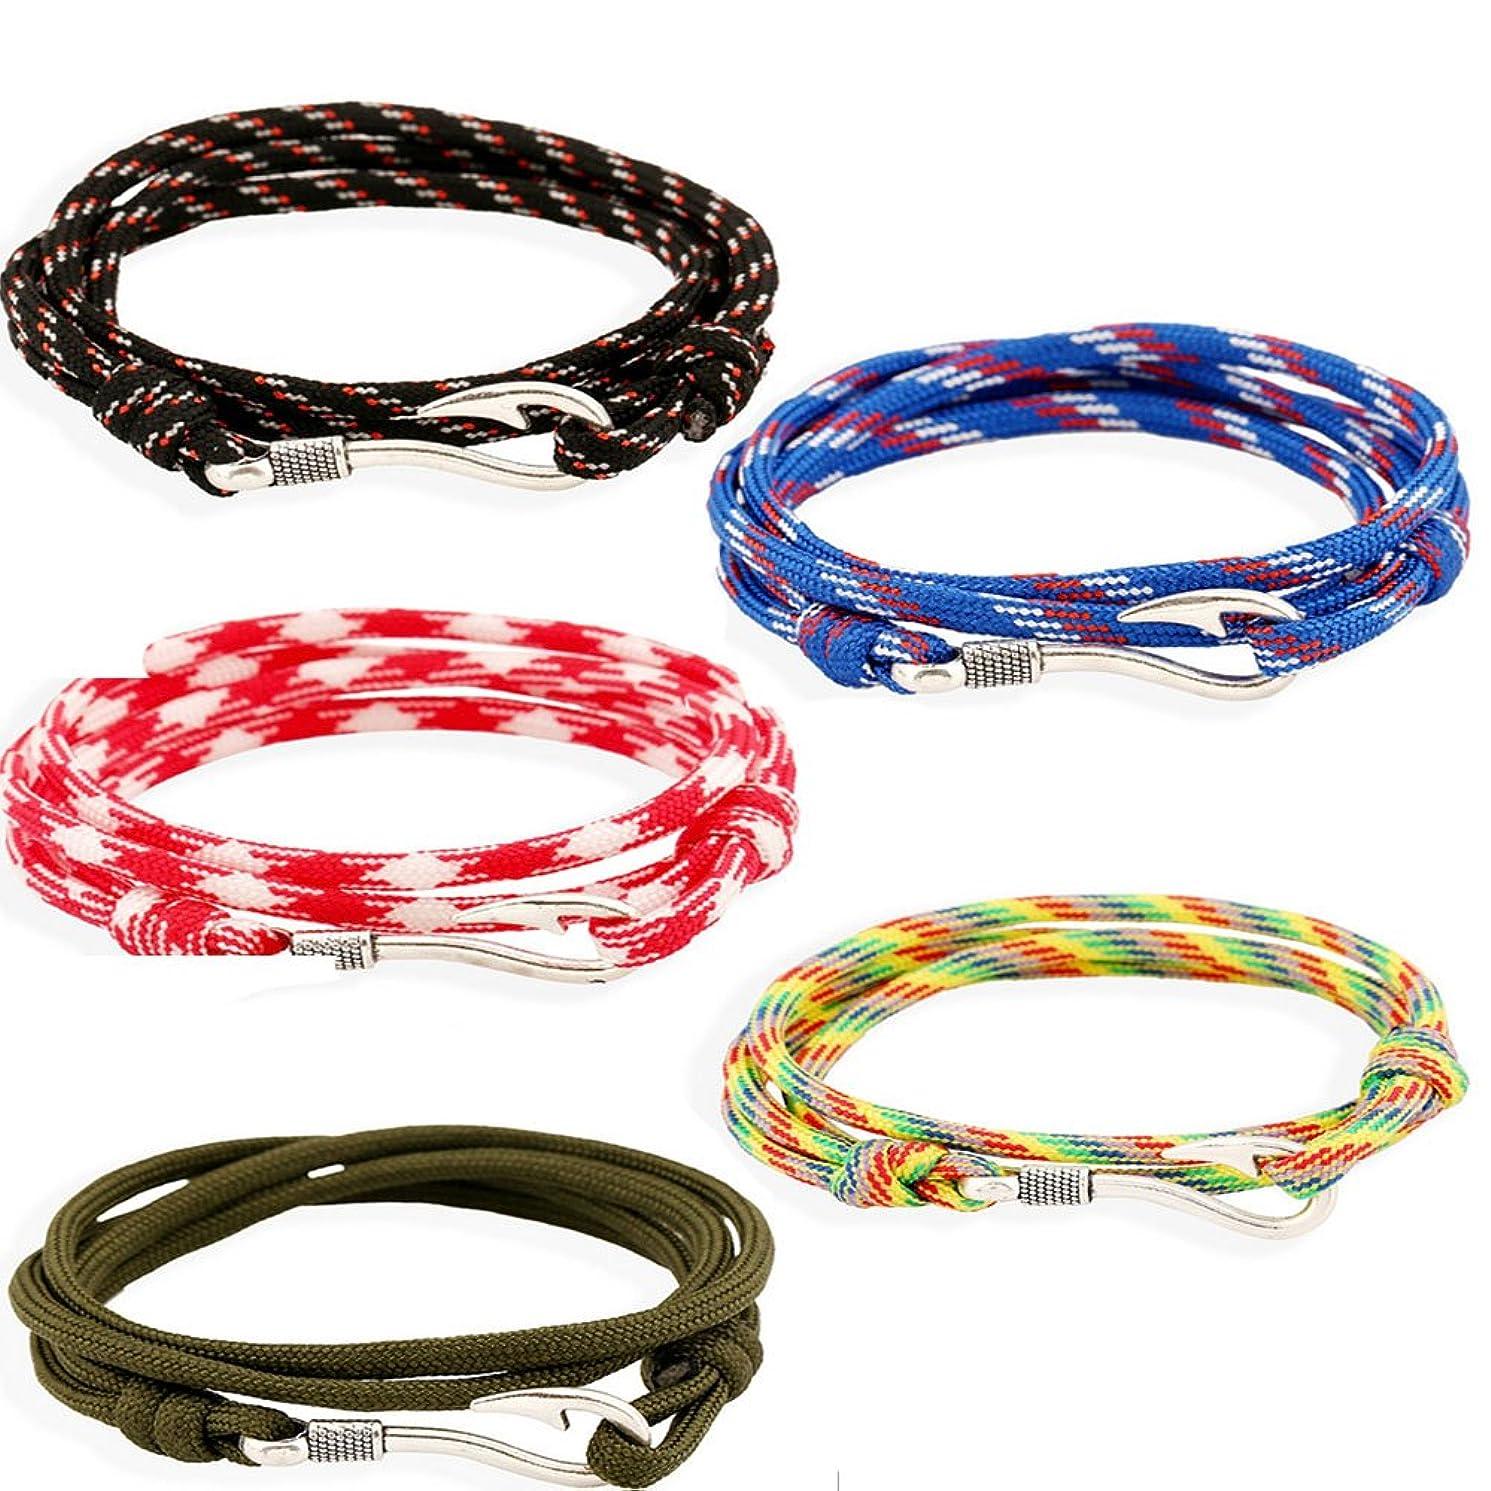 Fashionsupermarket 5-10pcs Nylon Rope Wrap Military Camouflage Nautical Fishook Bracelet, DIY Bracelet,Anklet,Necklace,32 Inch